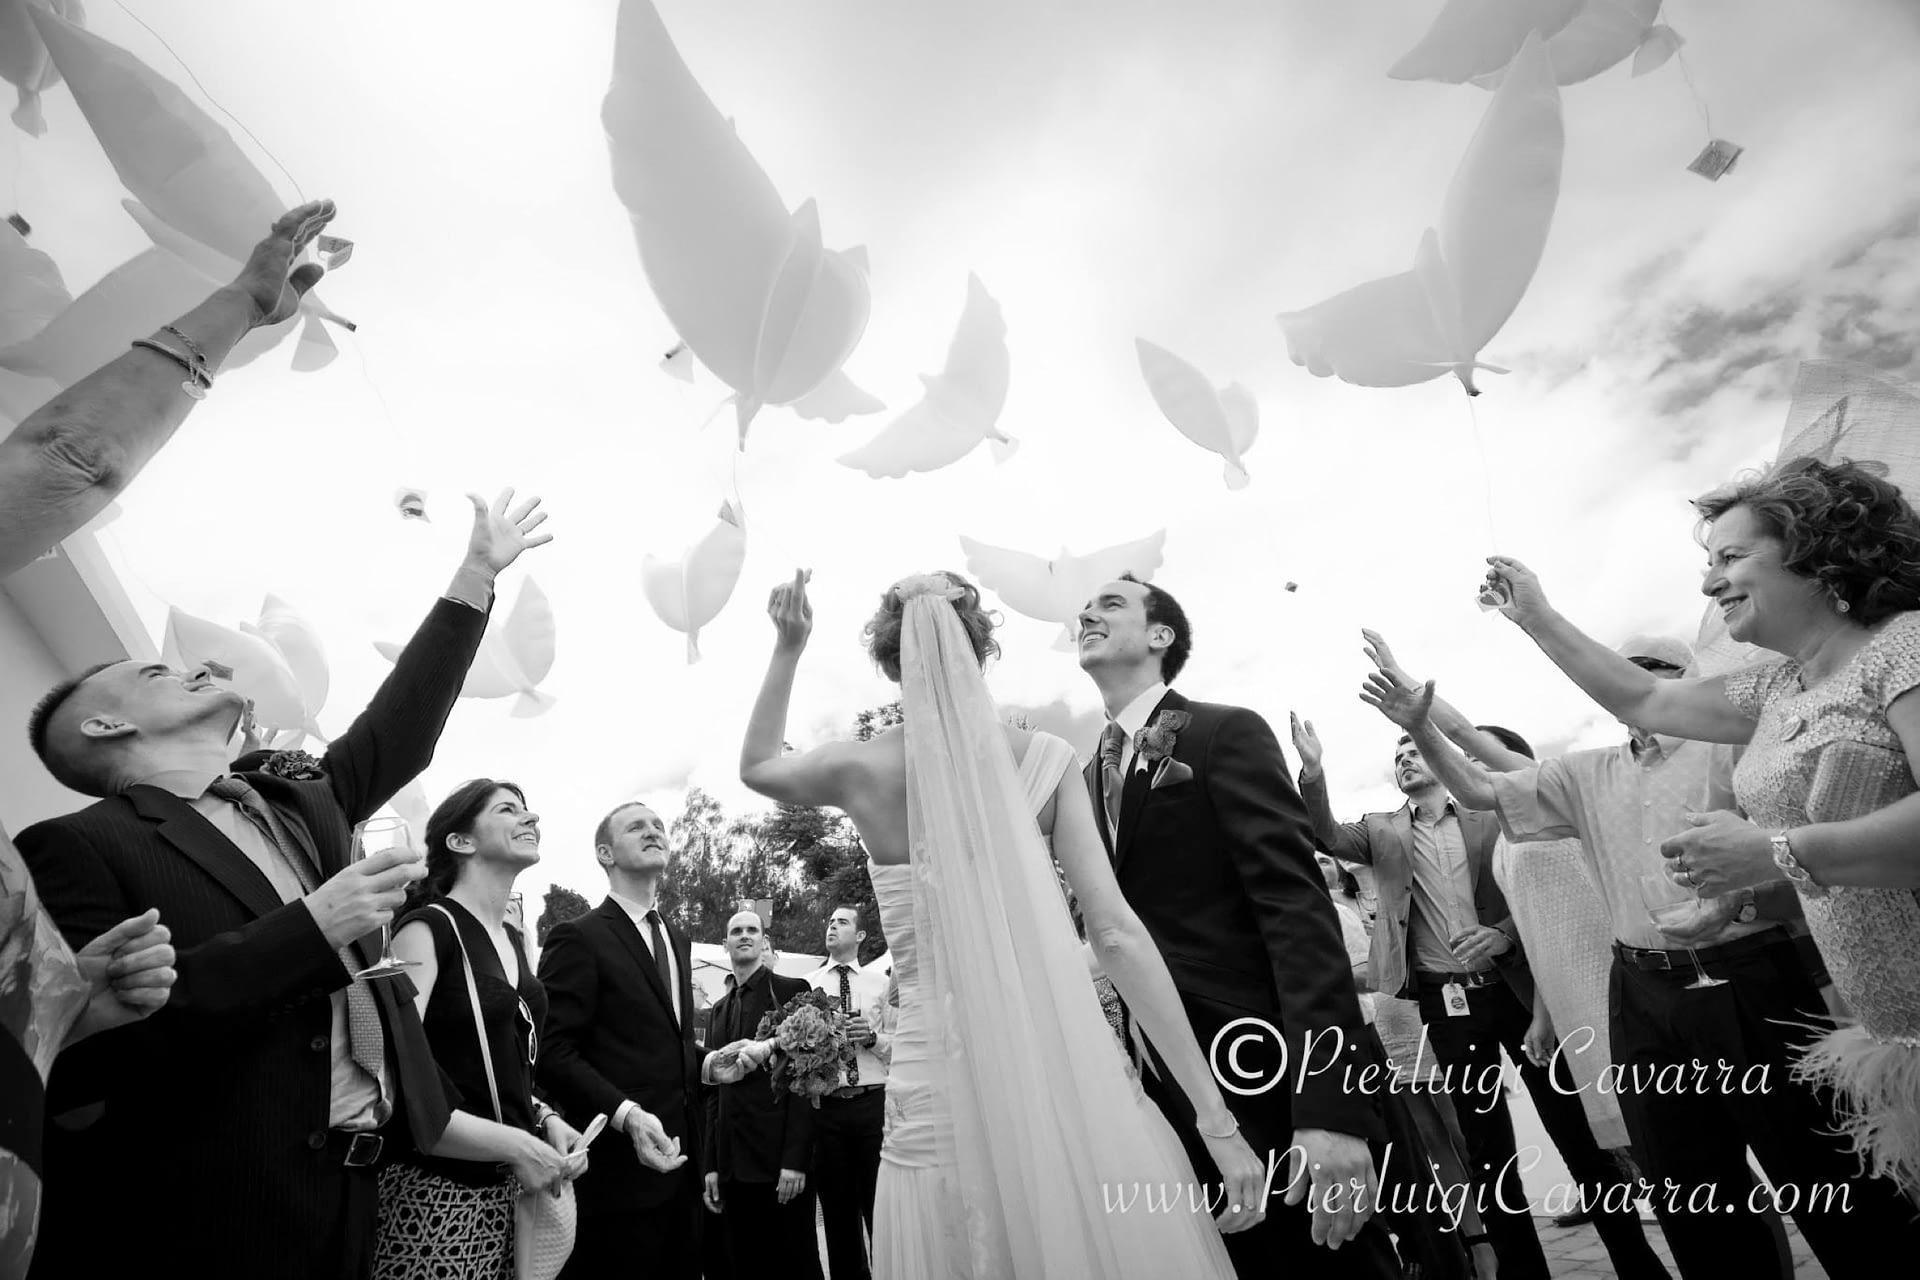 Pierluigi Cavarra - fotografo de bodas y eventos - wedding photographer costa blanca - ejemplo -28